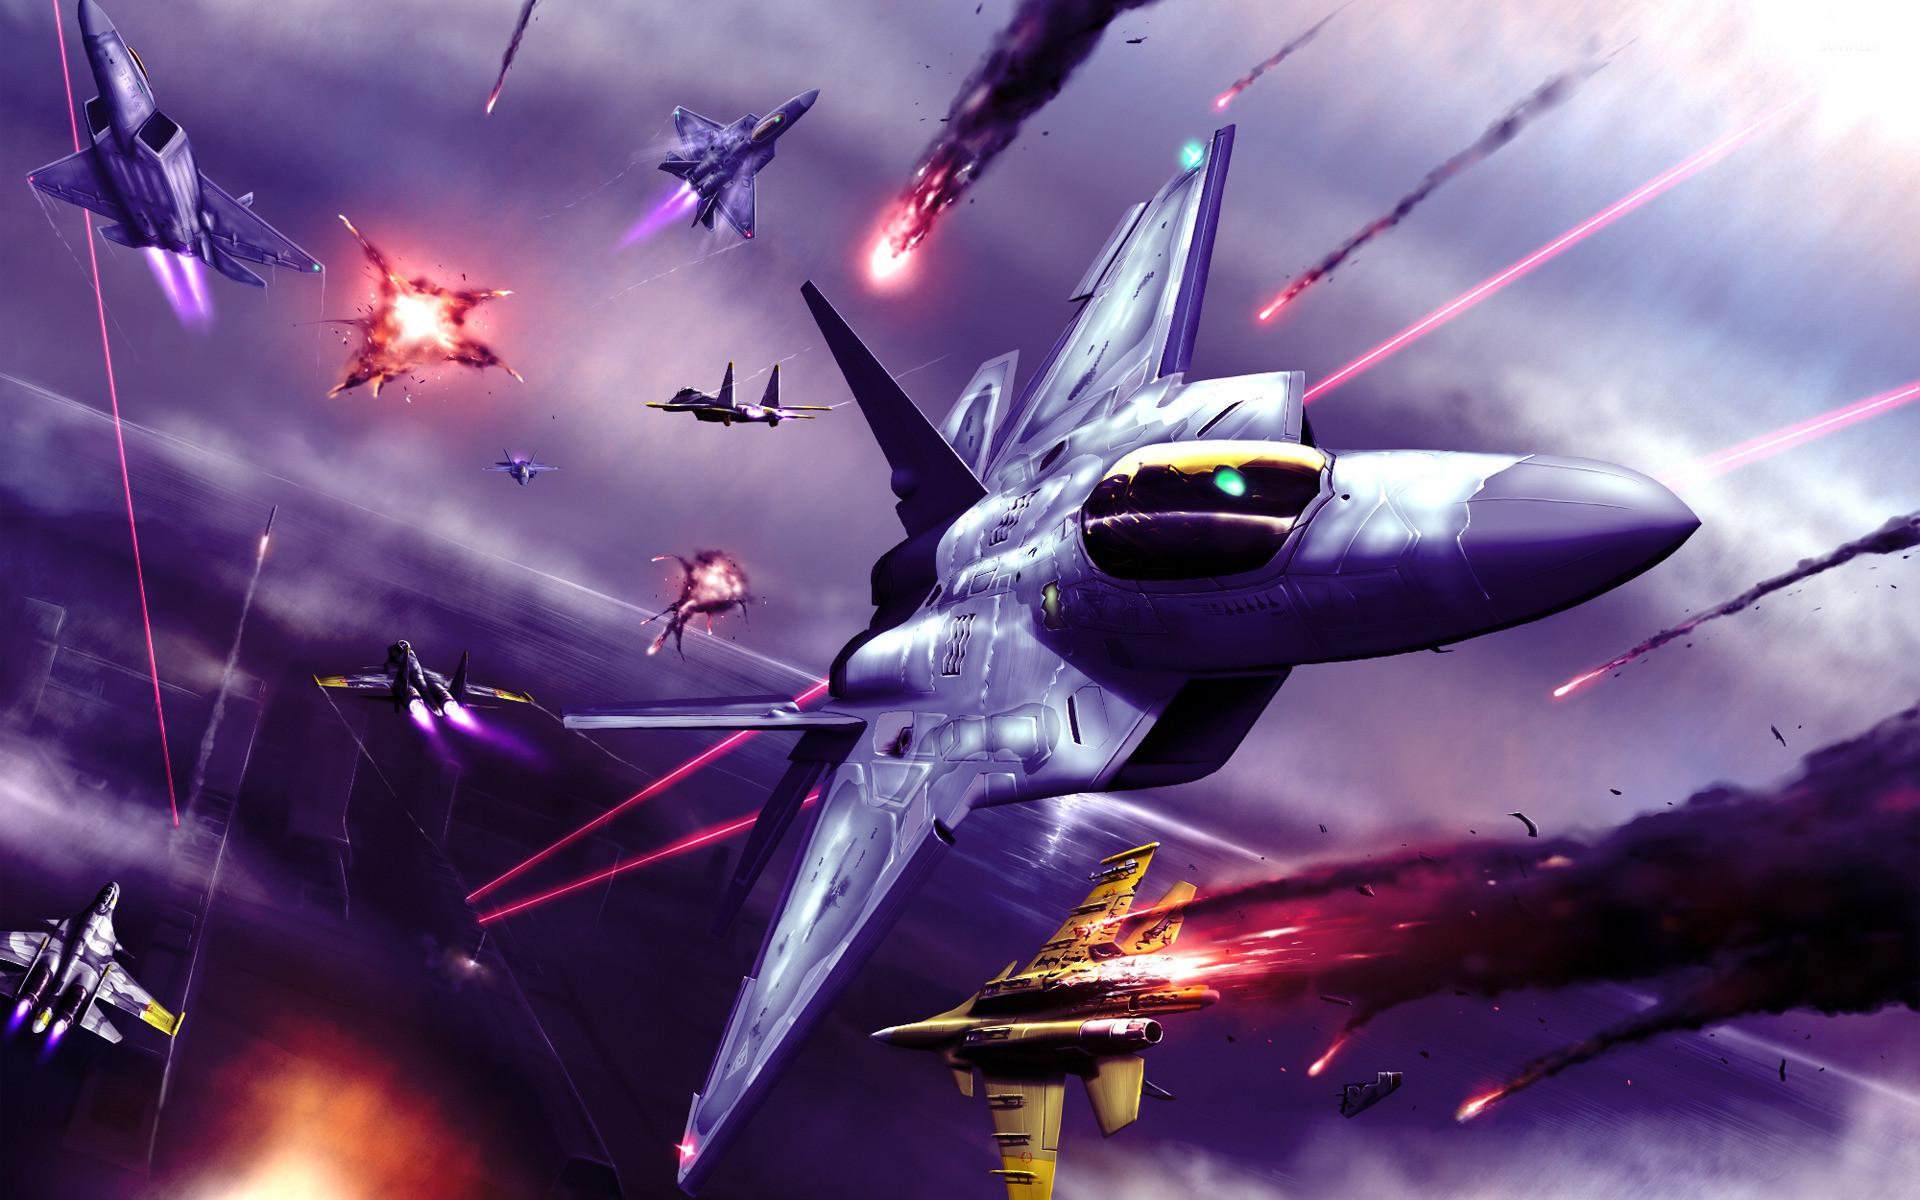 Ace Combat Wallpaper 66 Images